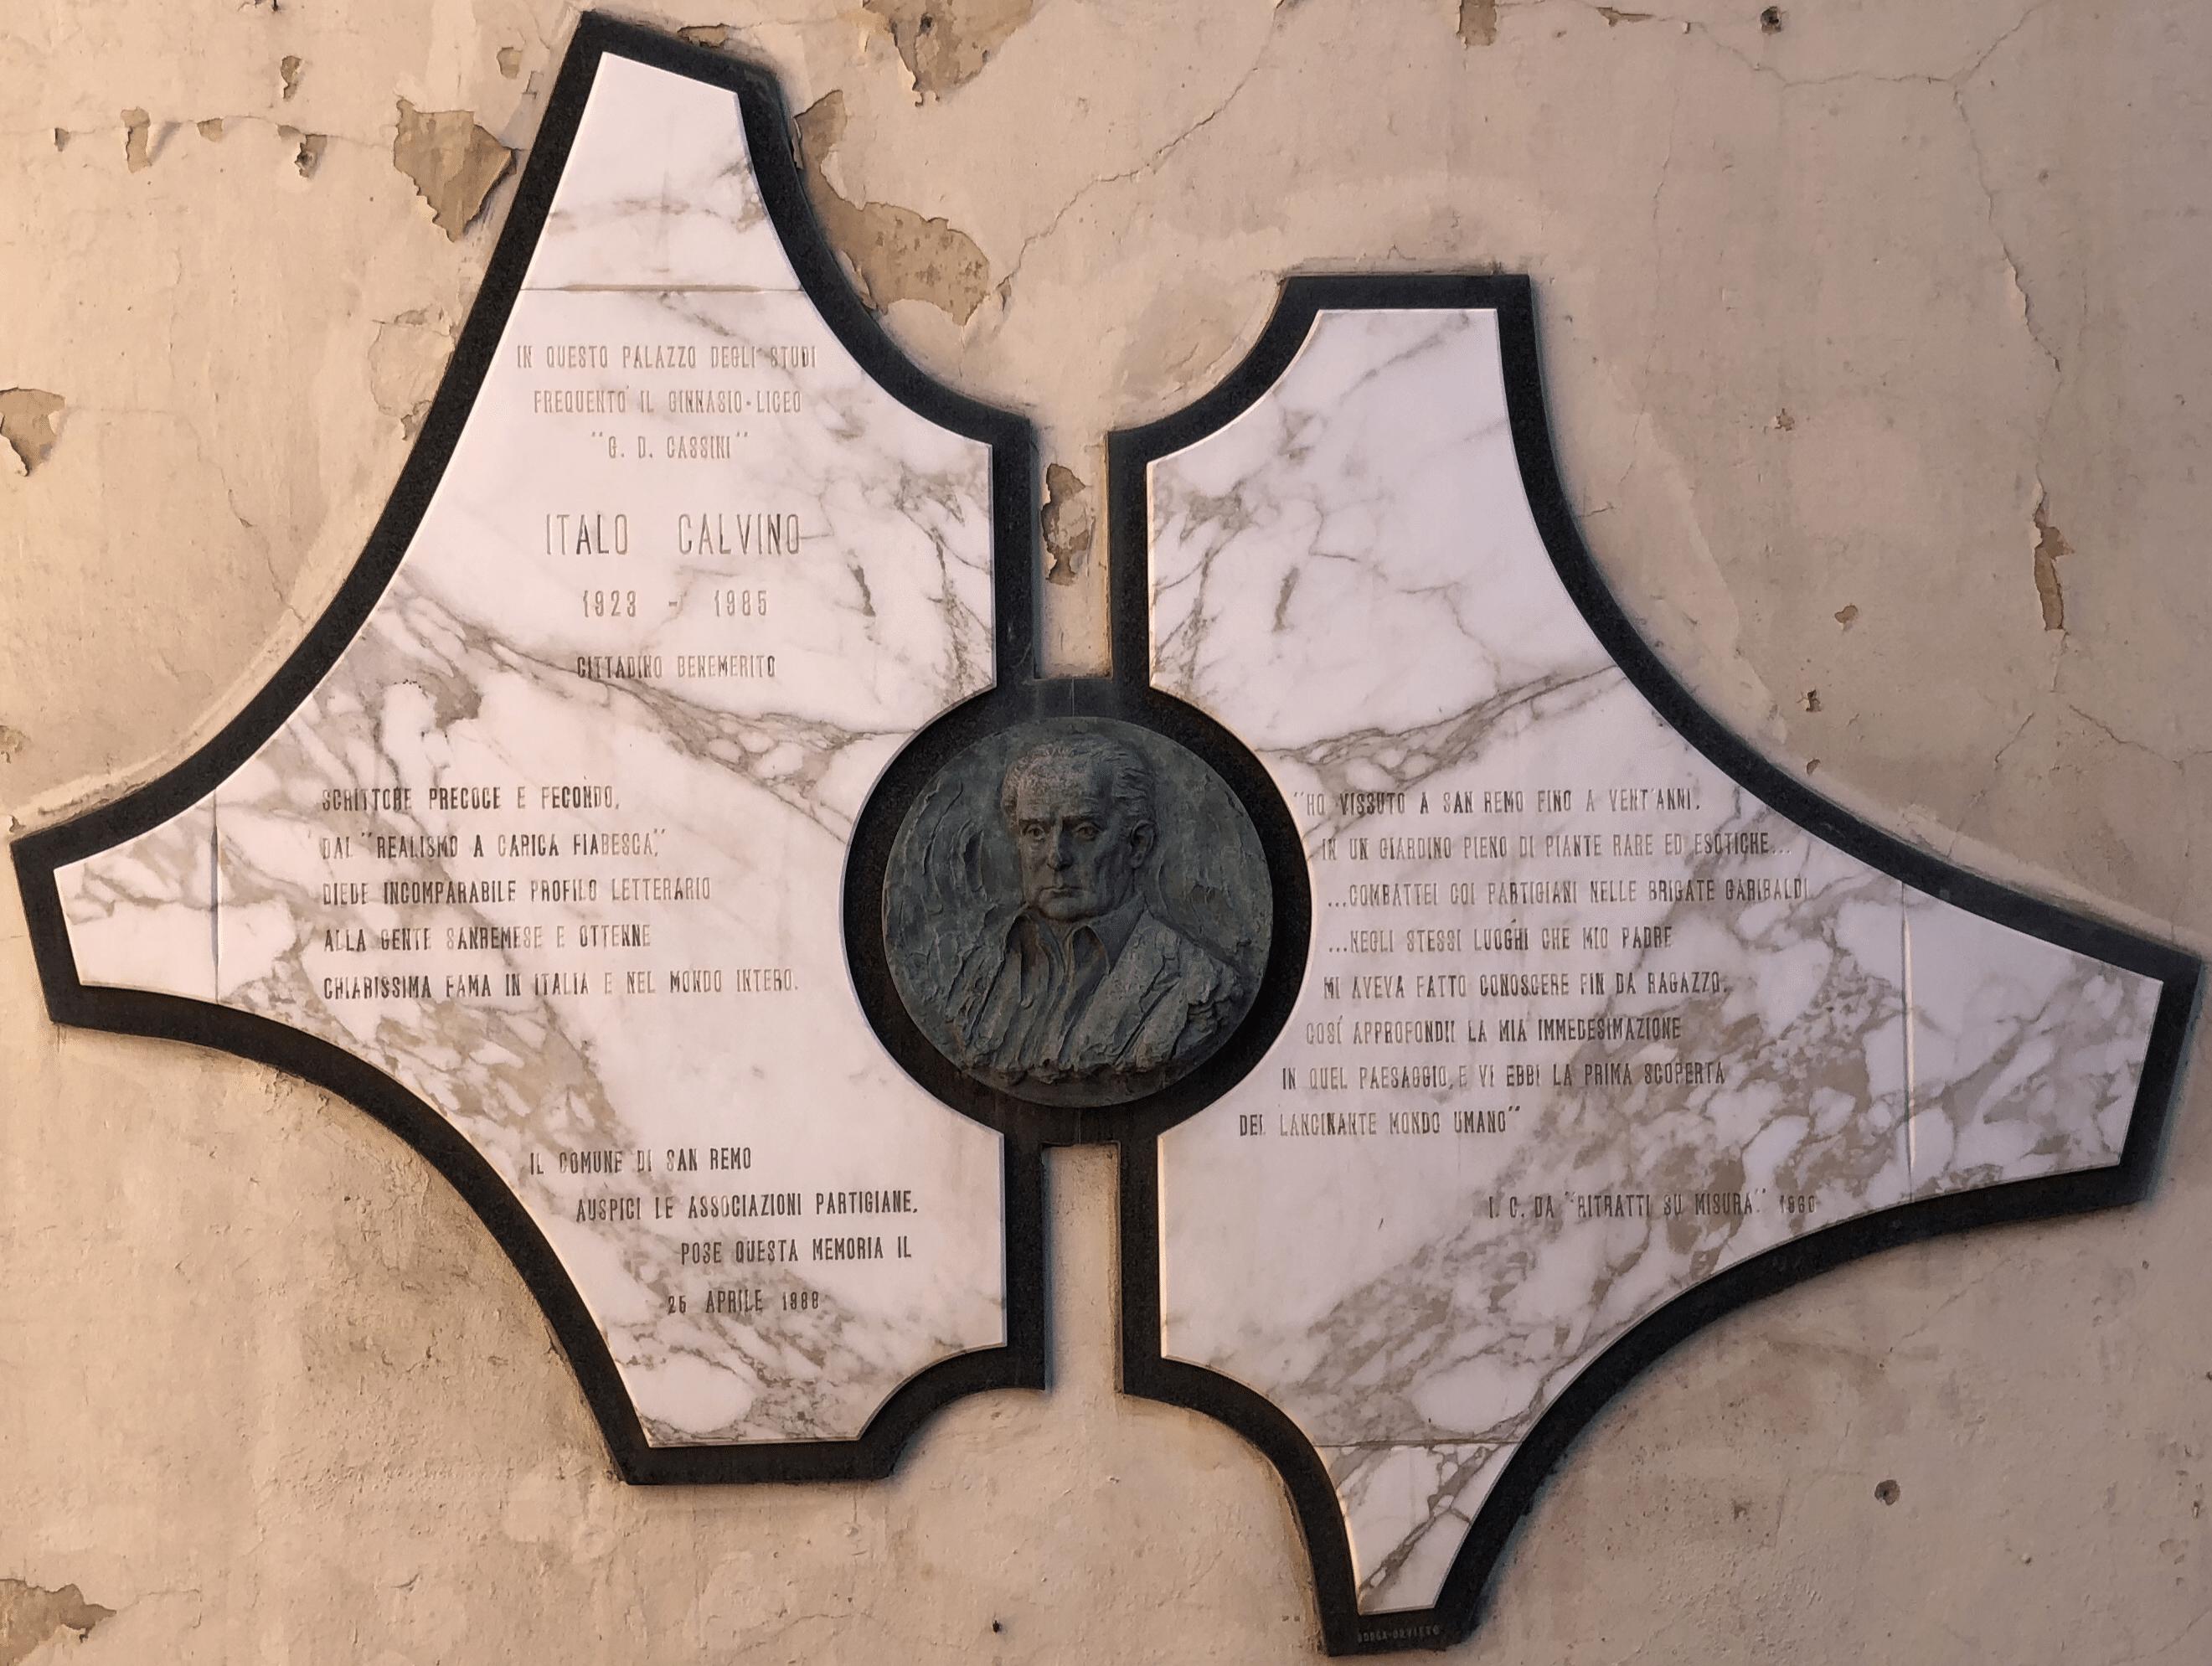 Nella Biblioteca Civica di Sanremo si trova il grande Fondo Mario Calvino-Eva Mameli Calvino, donato alla città dai figlio Italo e Floriano Calvino nel 1979, un anno dopo la morte…